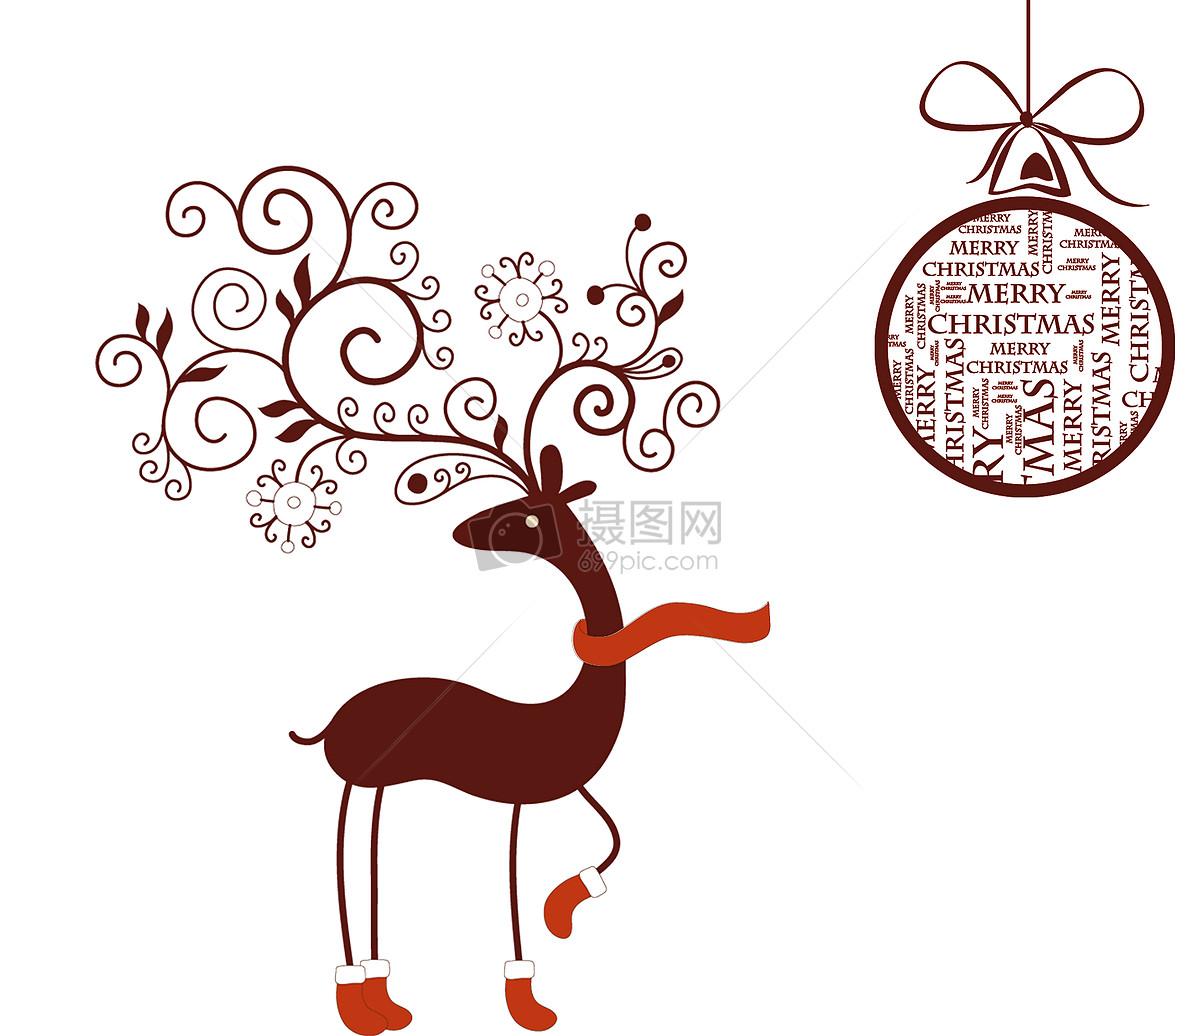 圣诞 圣诞节 海报 购物 梅花鹿图片素材_免费下载_jpg